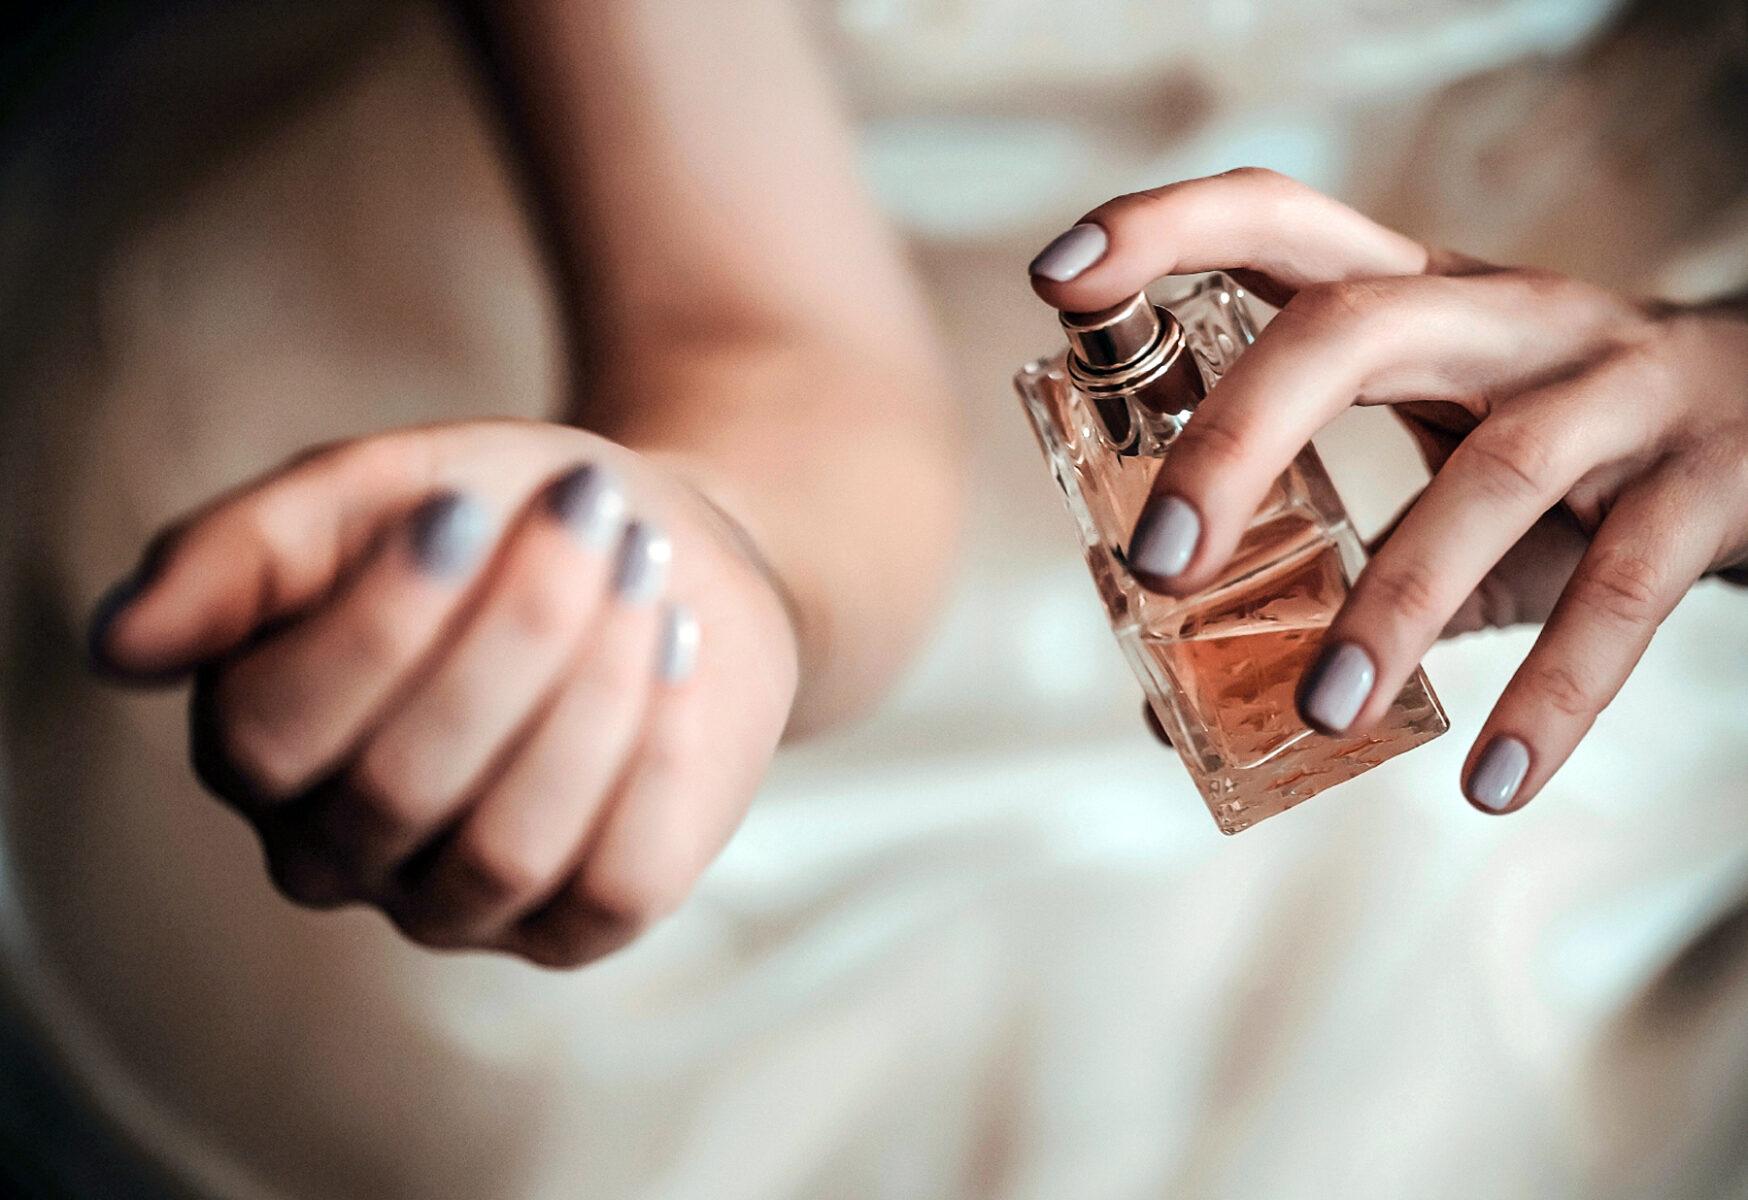 perfume on wrist